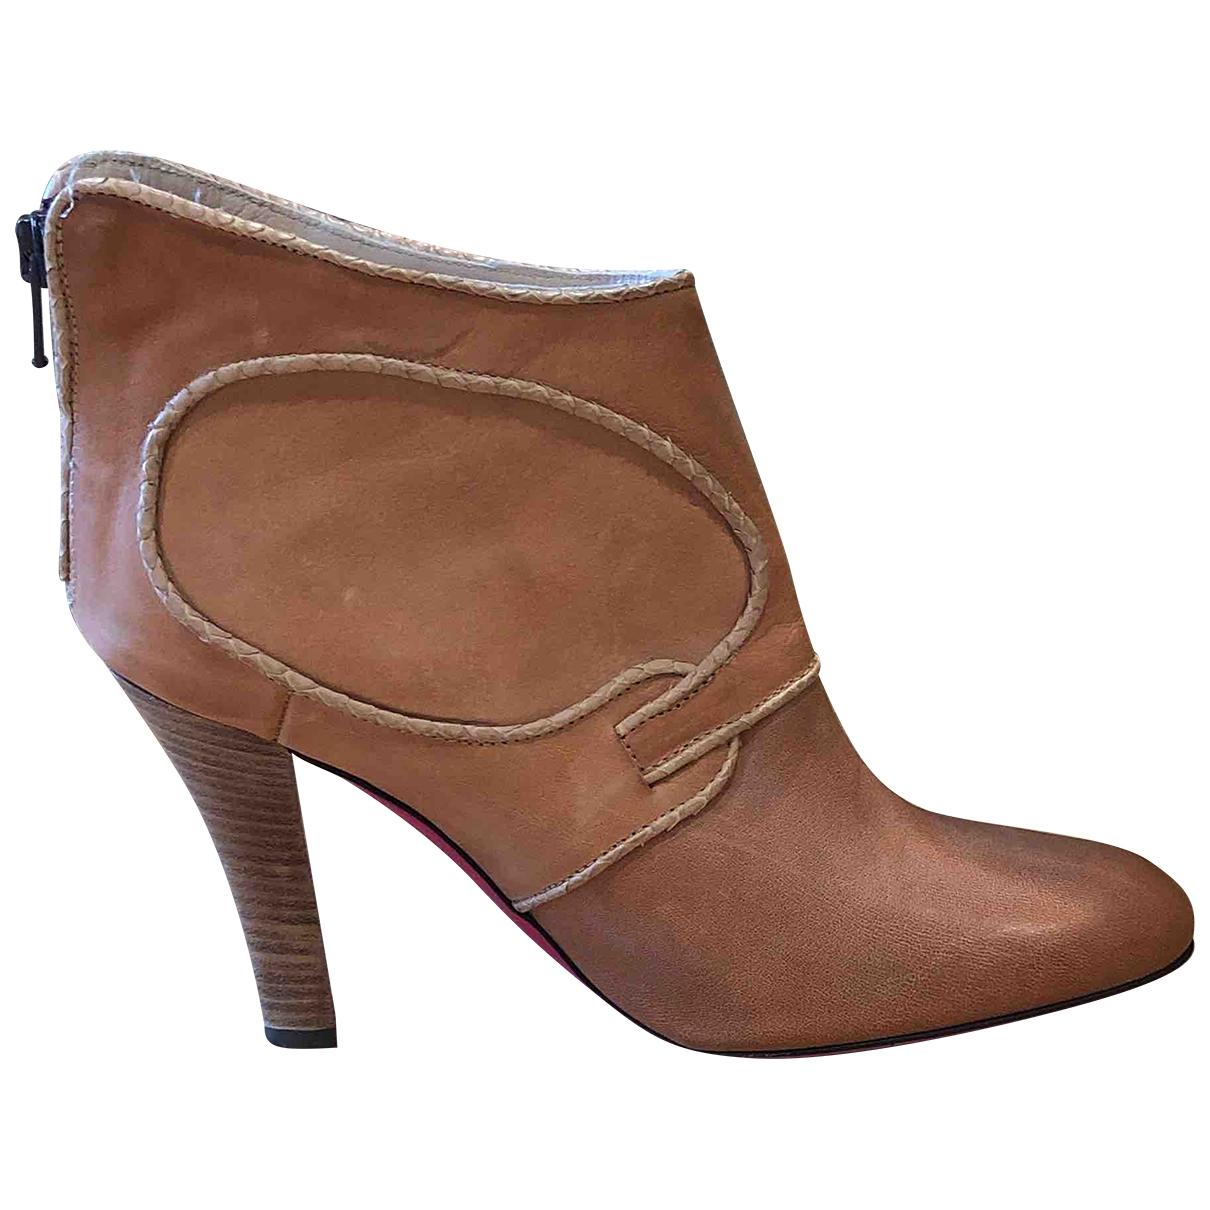 Emanuel Ungaro - Boots   pour femme en cuir - camel